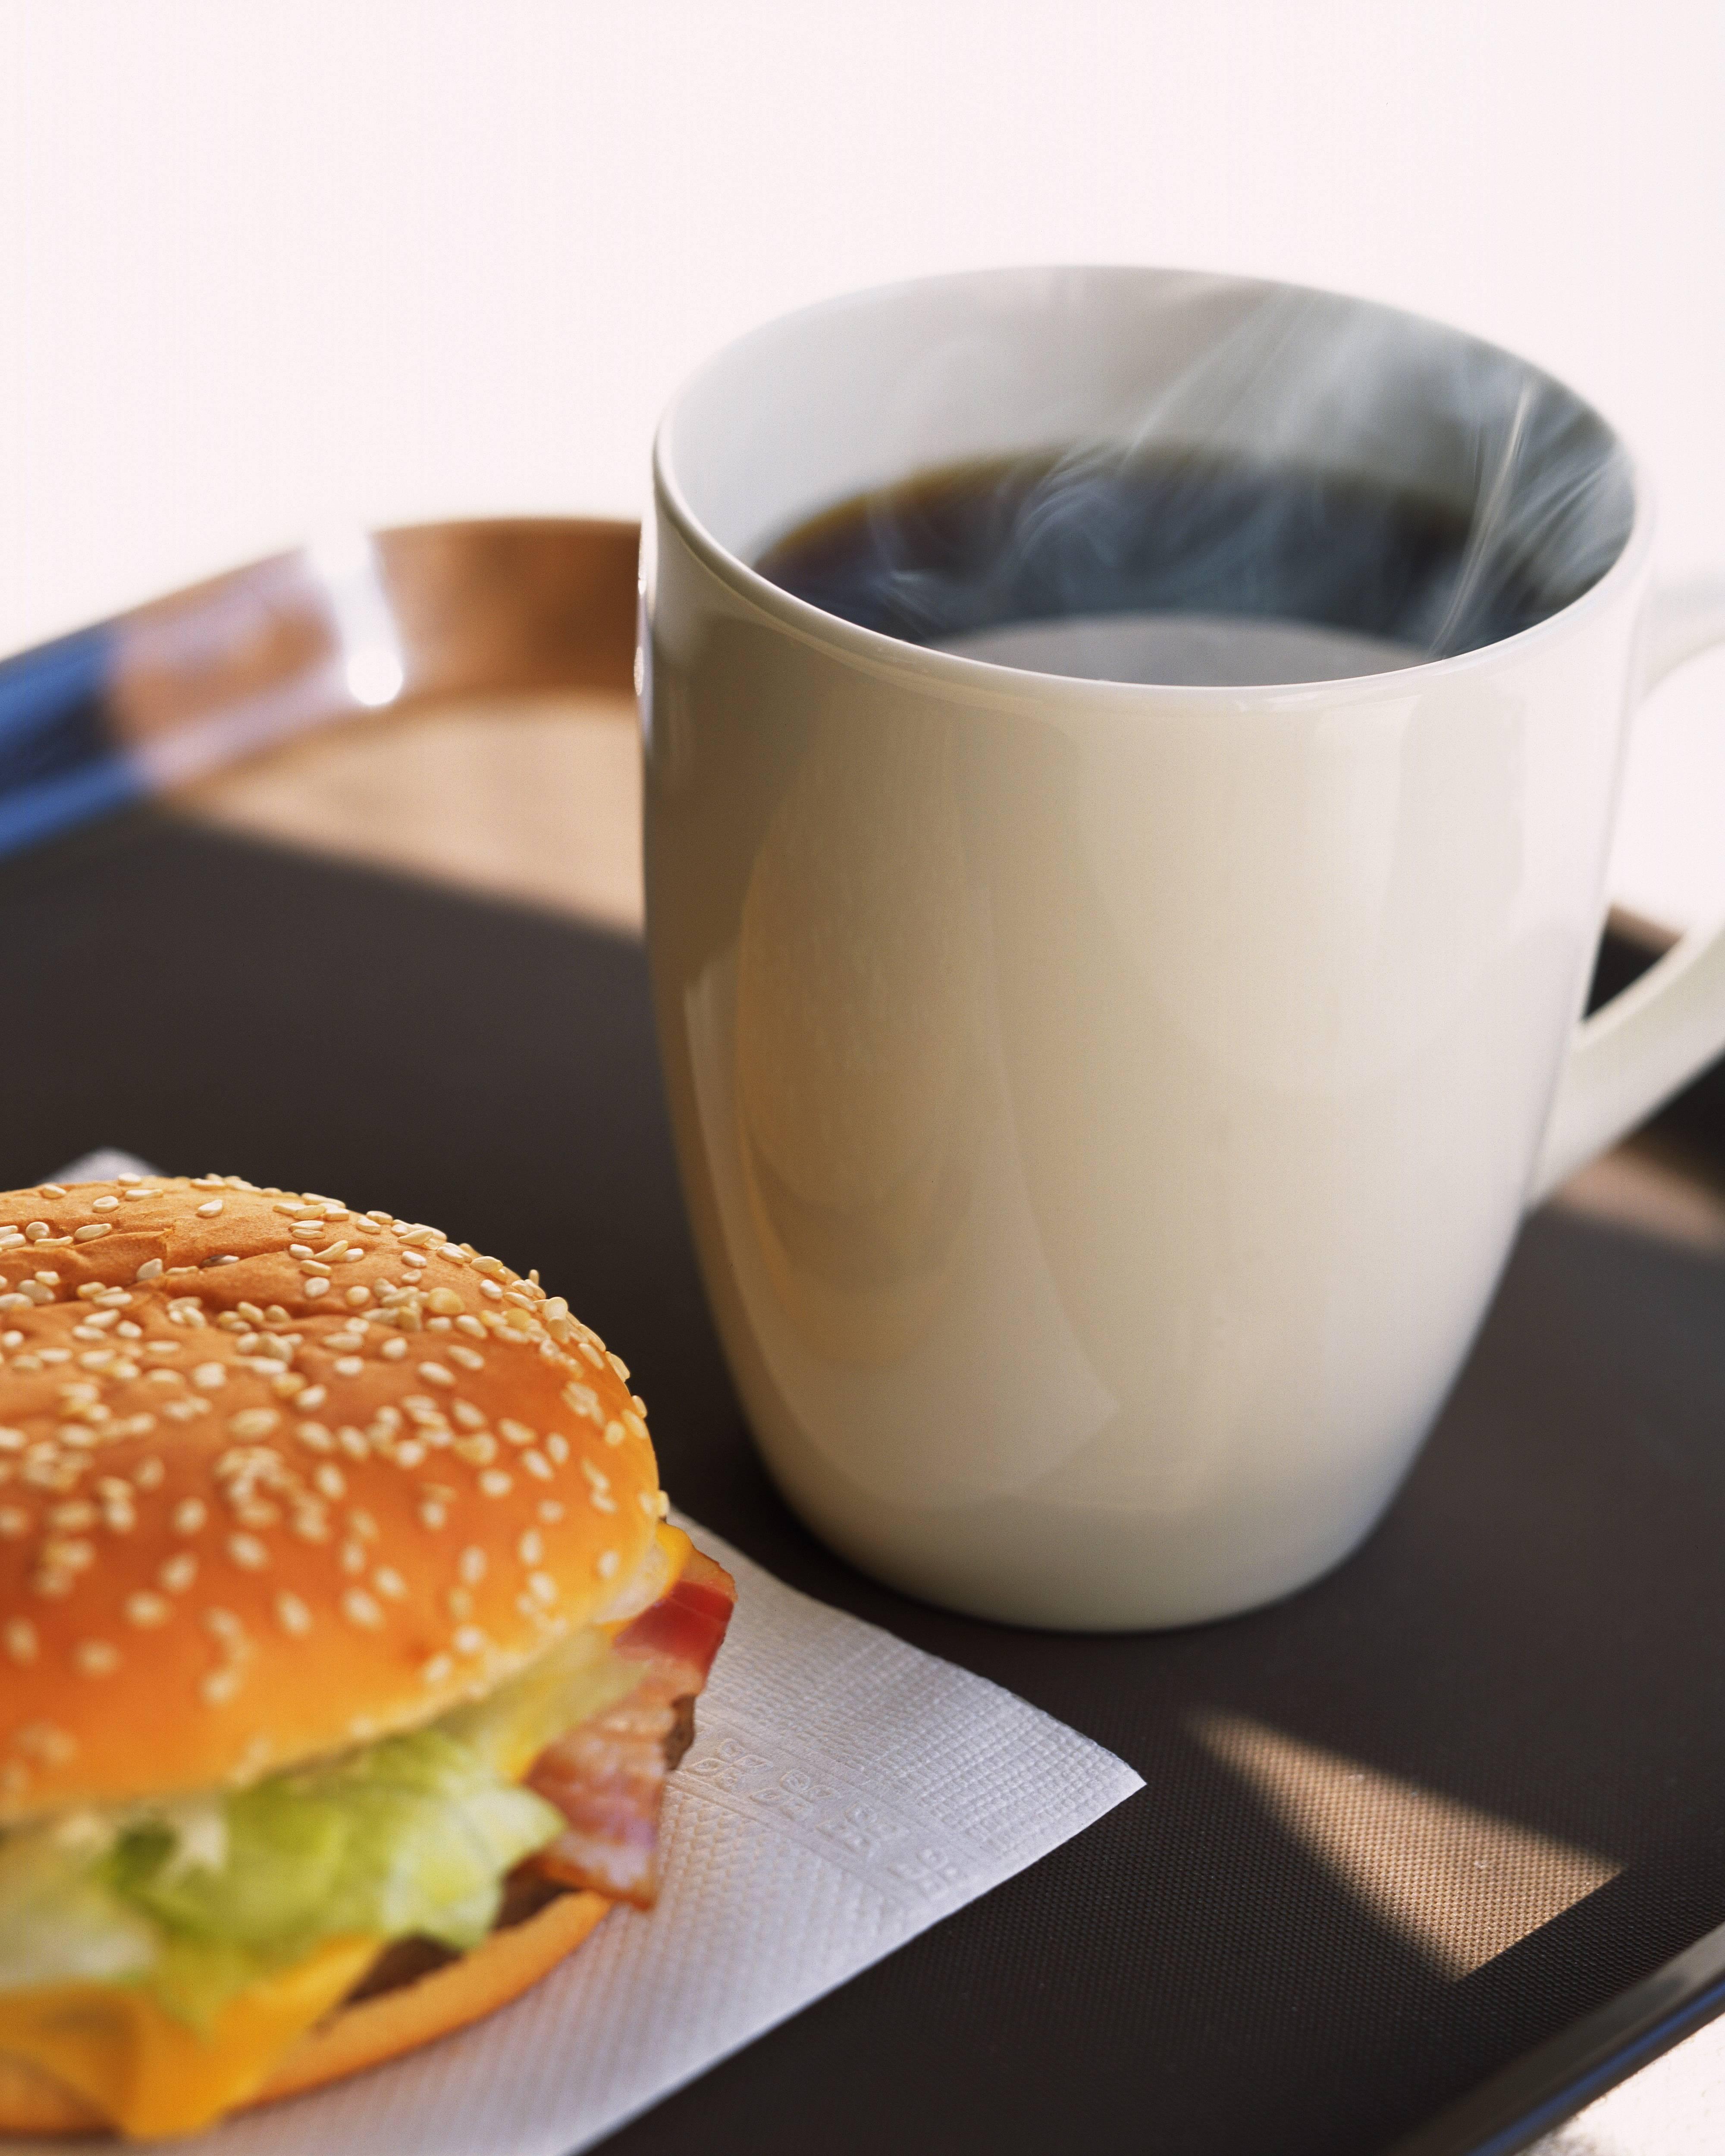 чашка кофе и бутерброд фото